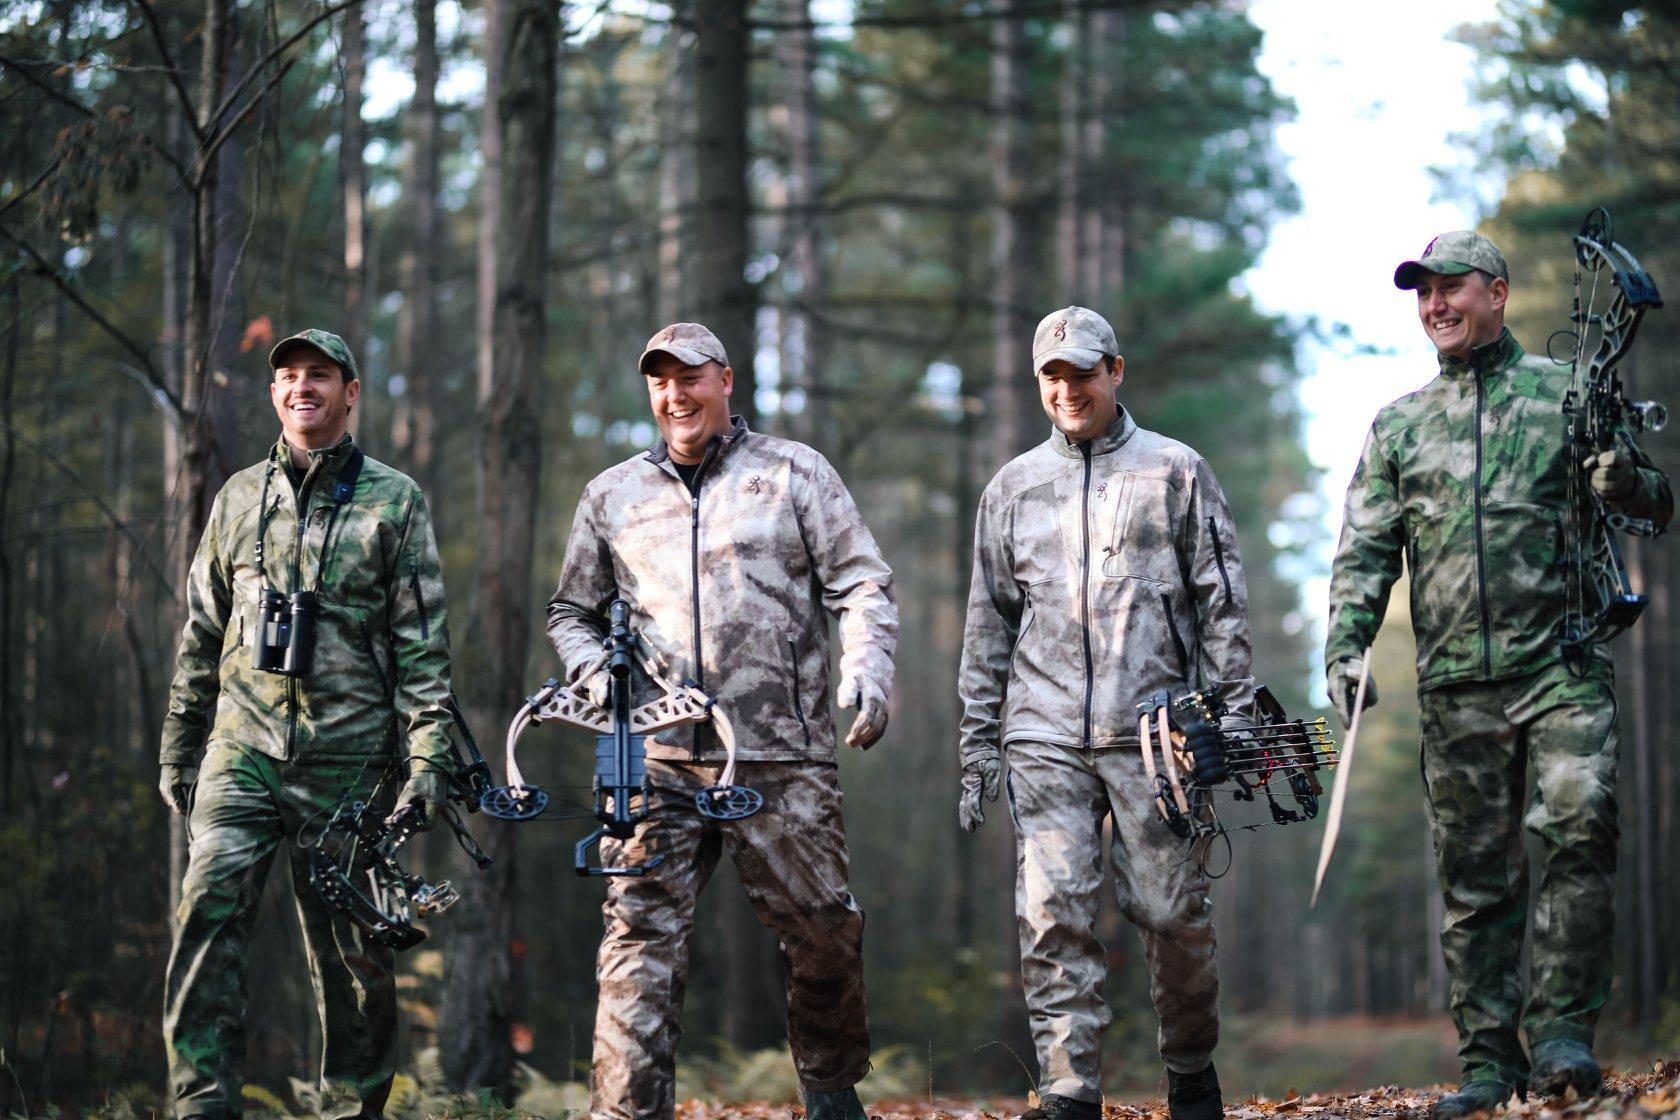 équipe born to hunt un mode de vie